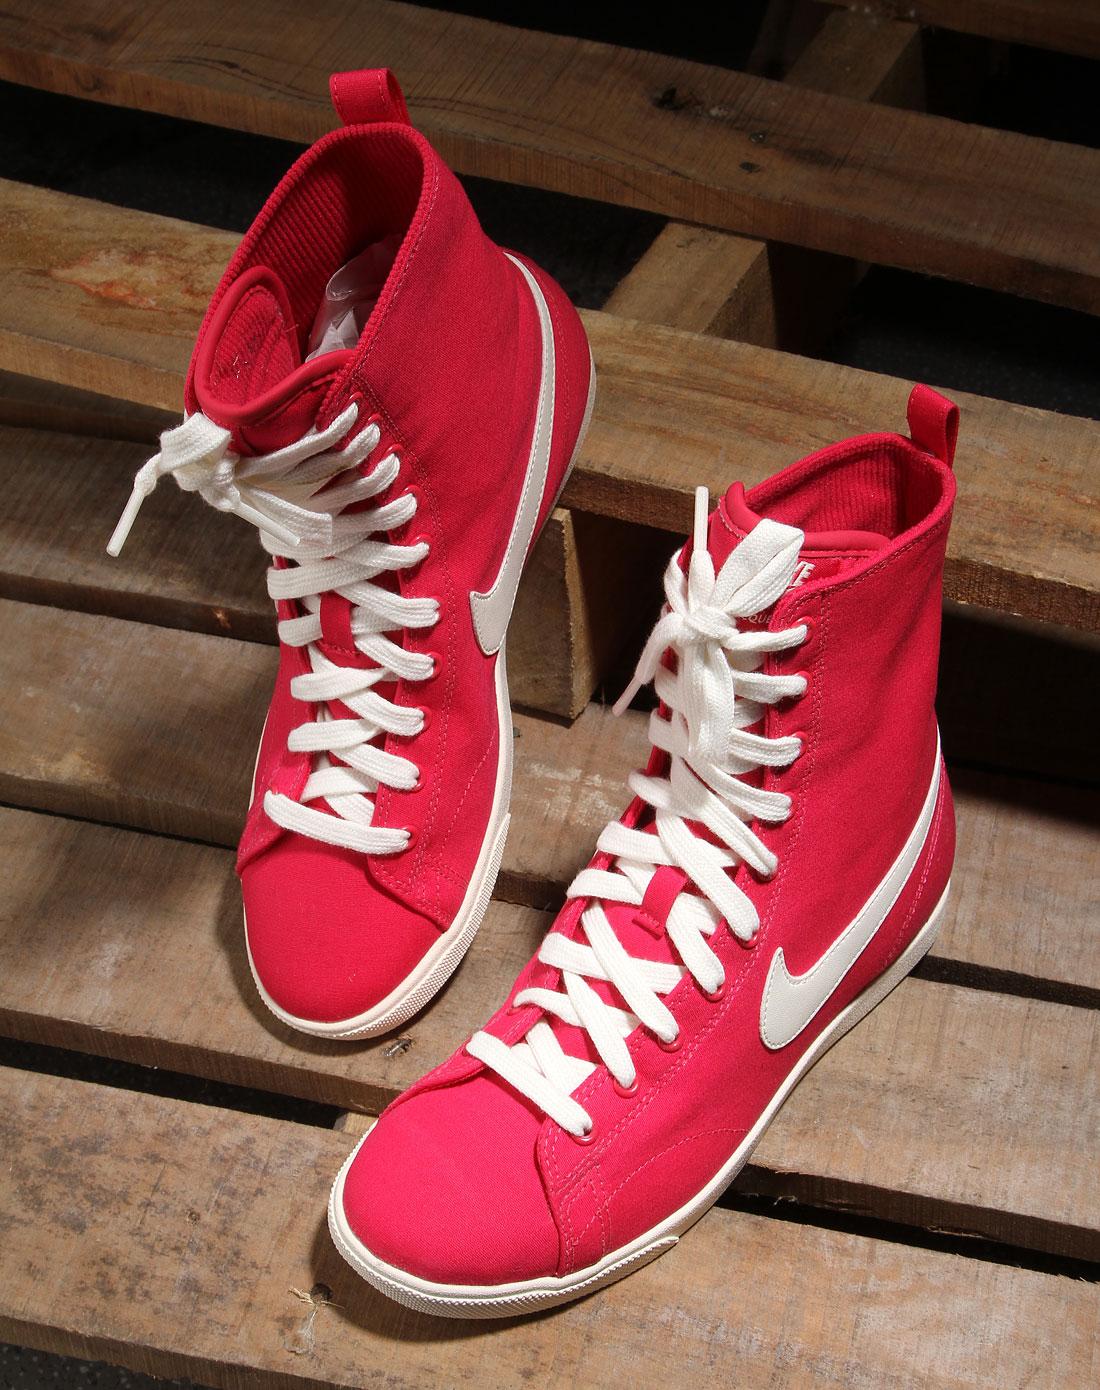 耐克nike男女装女款玫红色简约高帮帆布鞋454413-600